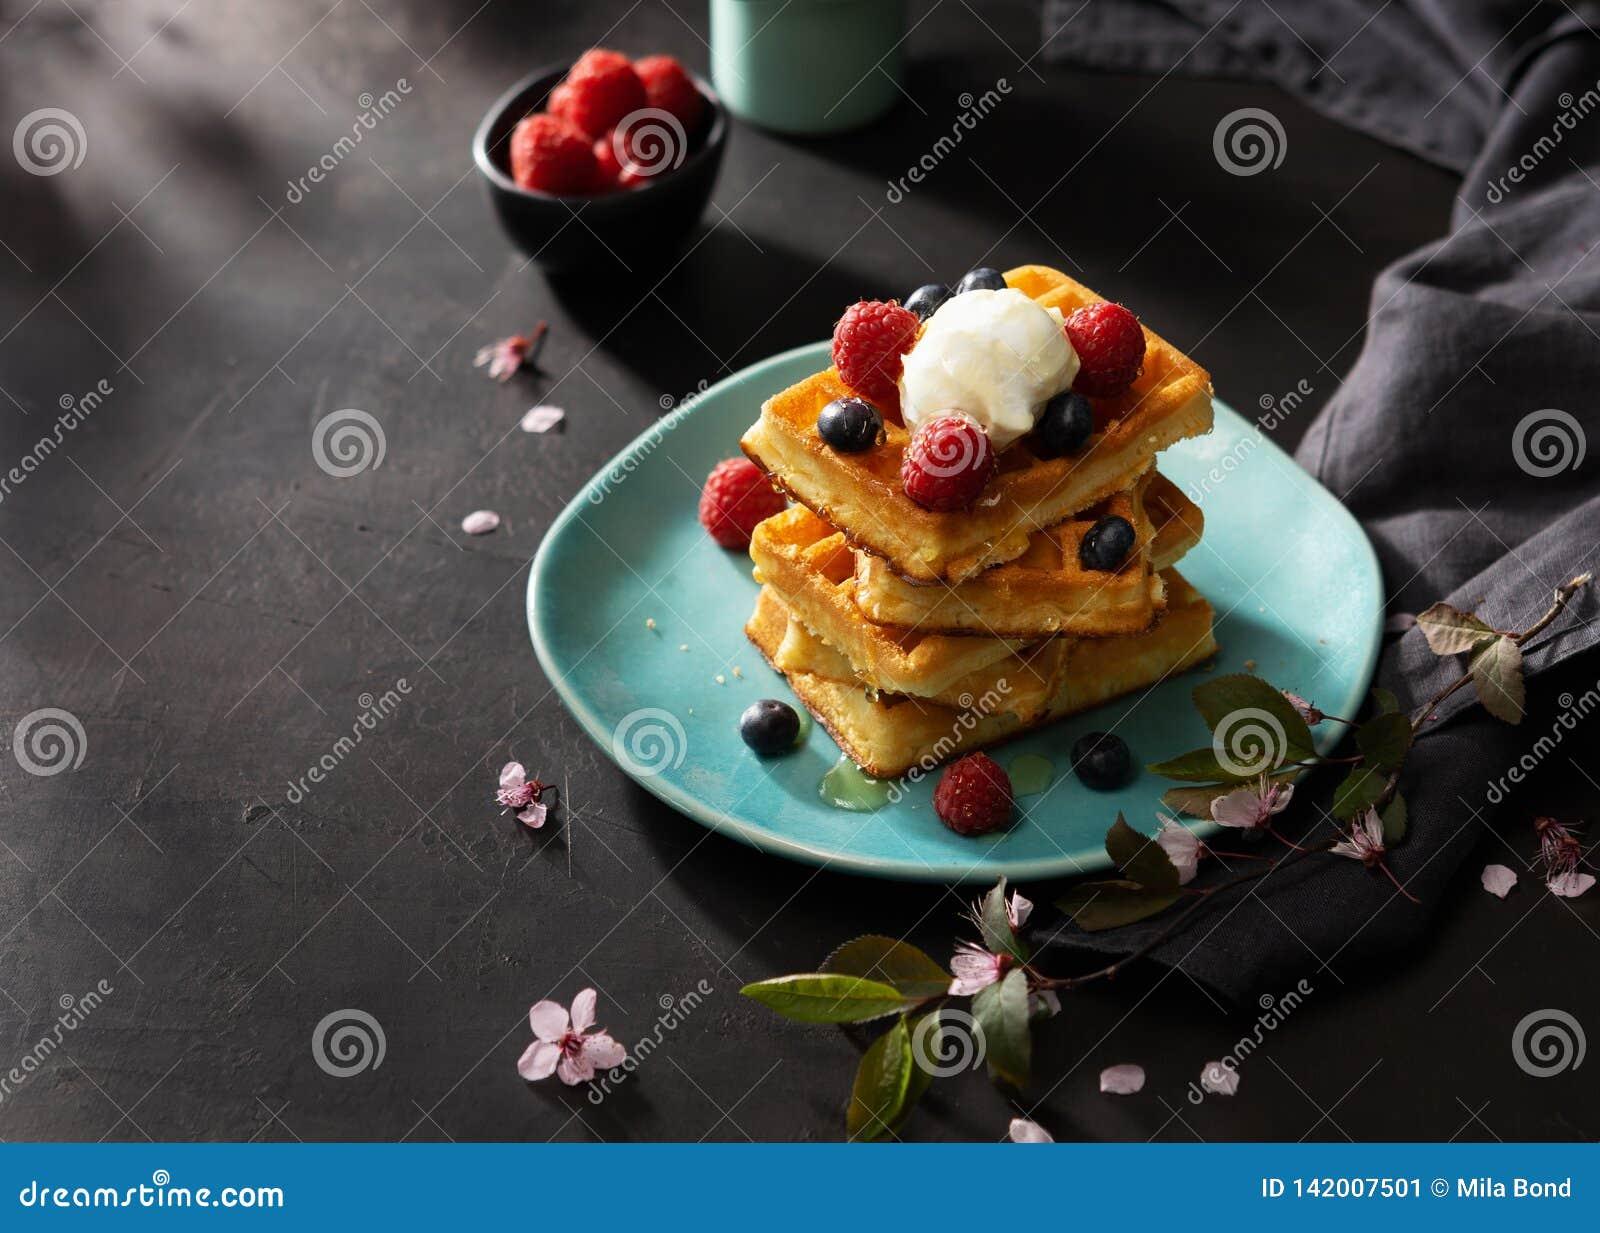 Свежо испекл вафли с полениками, ягодами, медом и кофе на завтрак или завтрак-обедом на темной предпосылке с космосом экземпляра